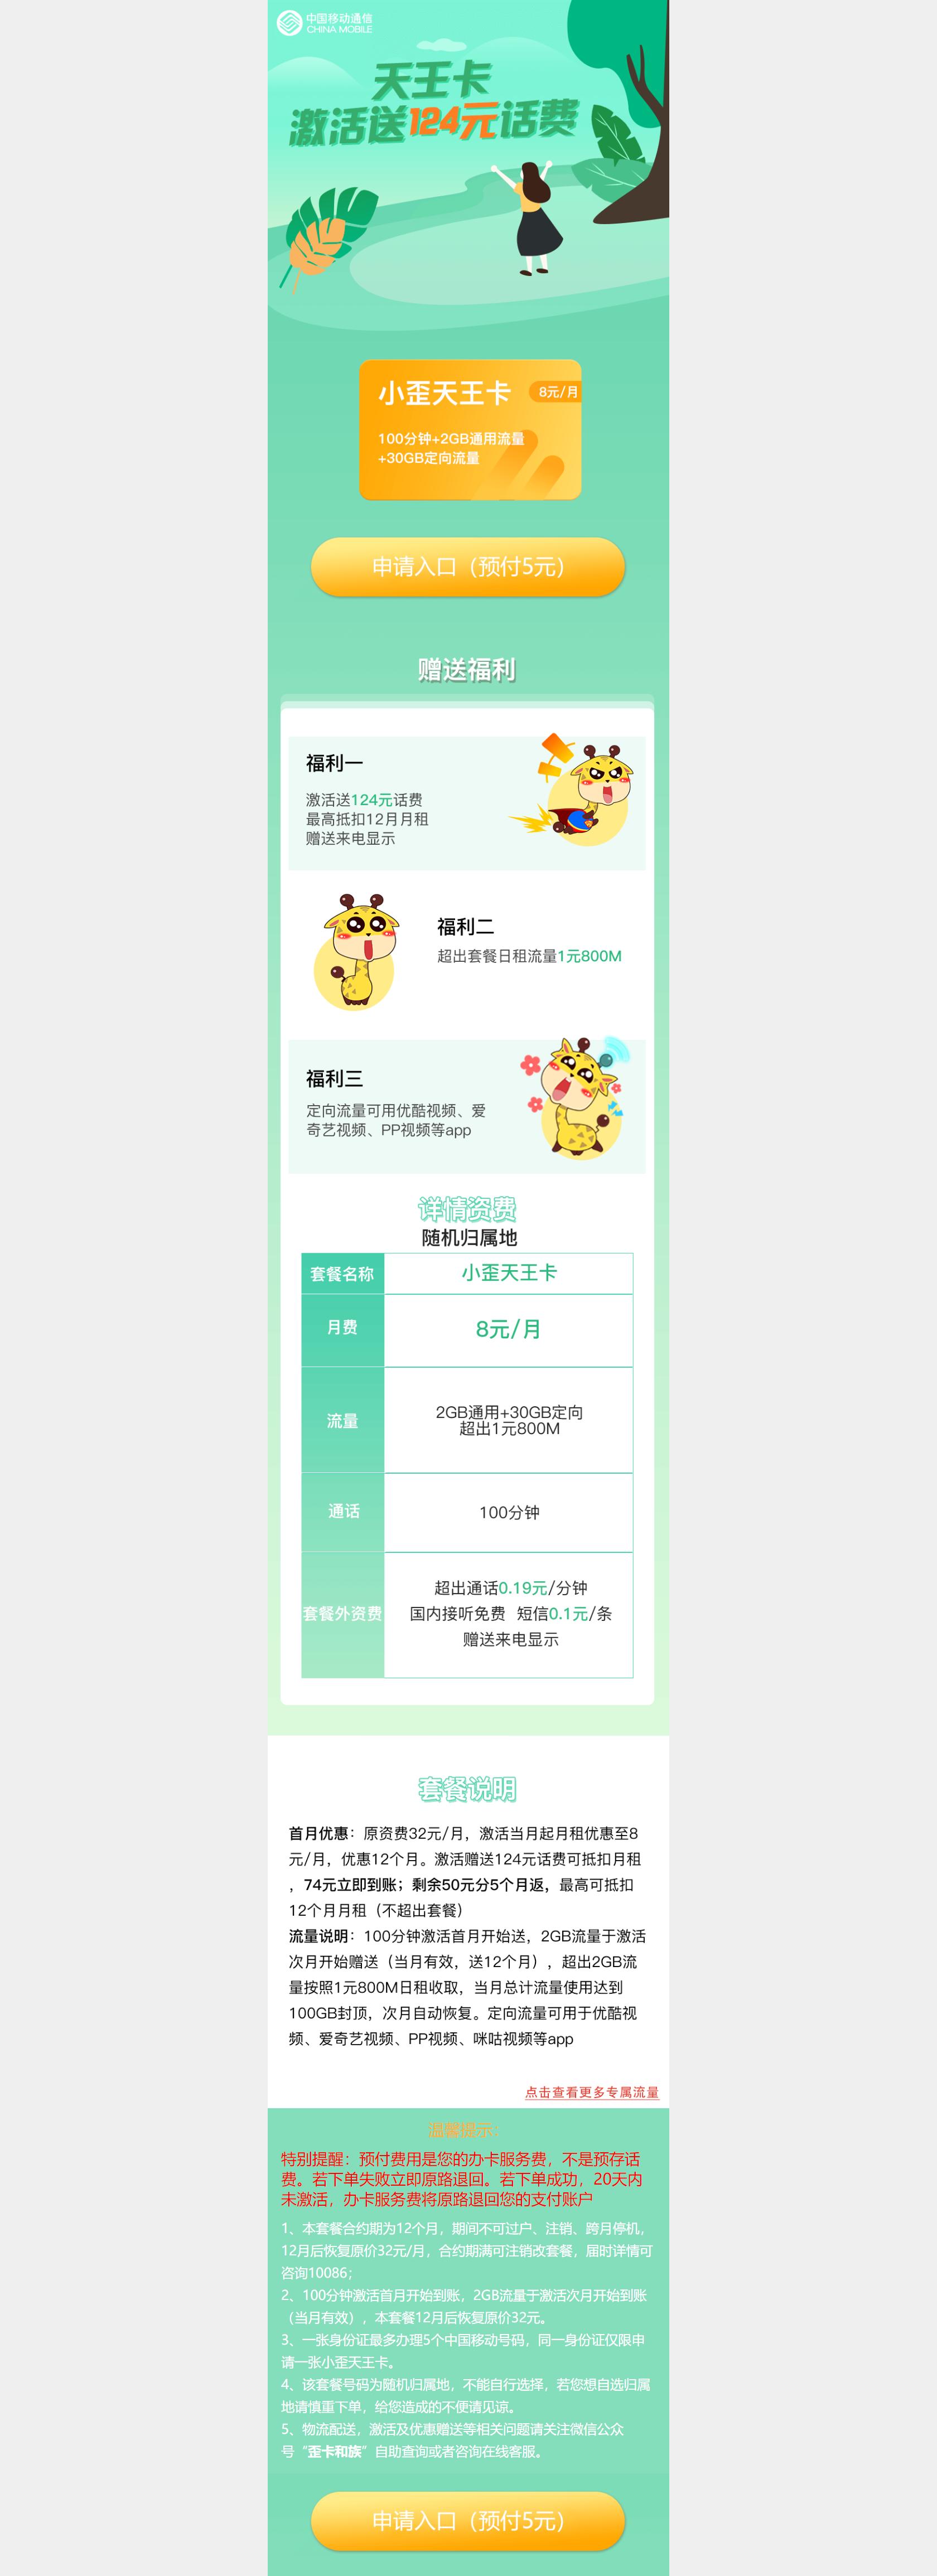 5元撸一年移动天王卡,5元免费用1年电话卡 第1张